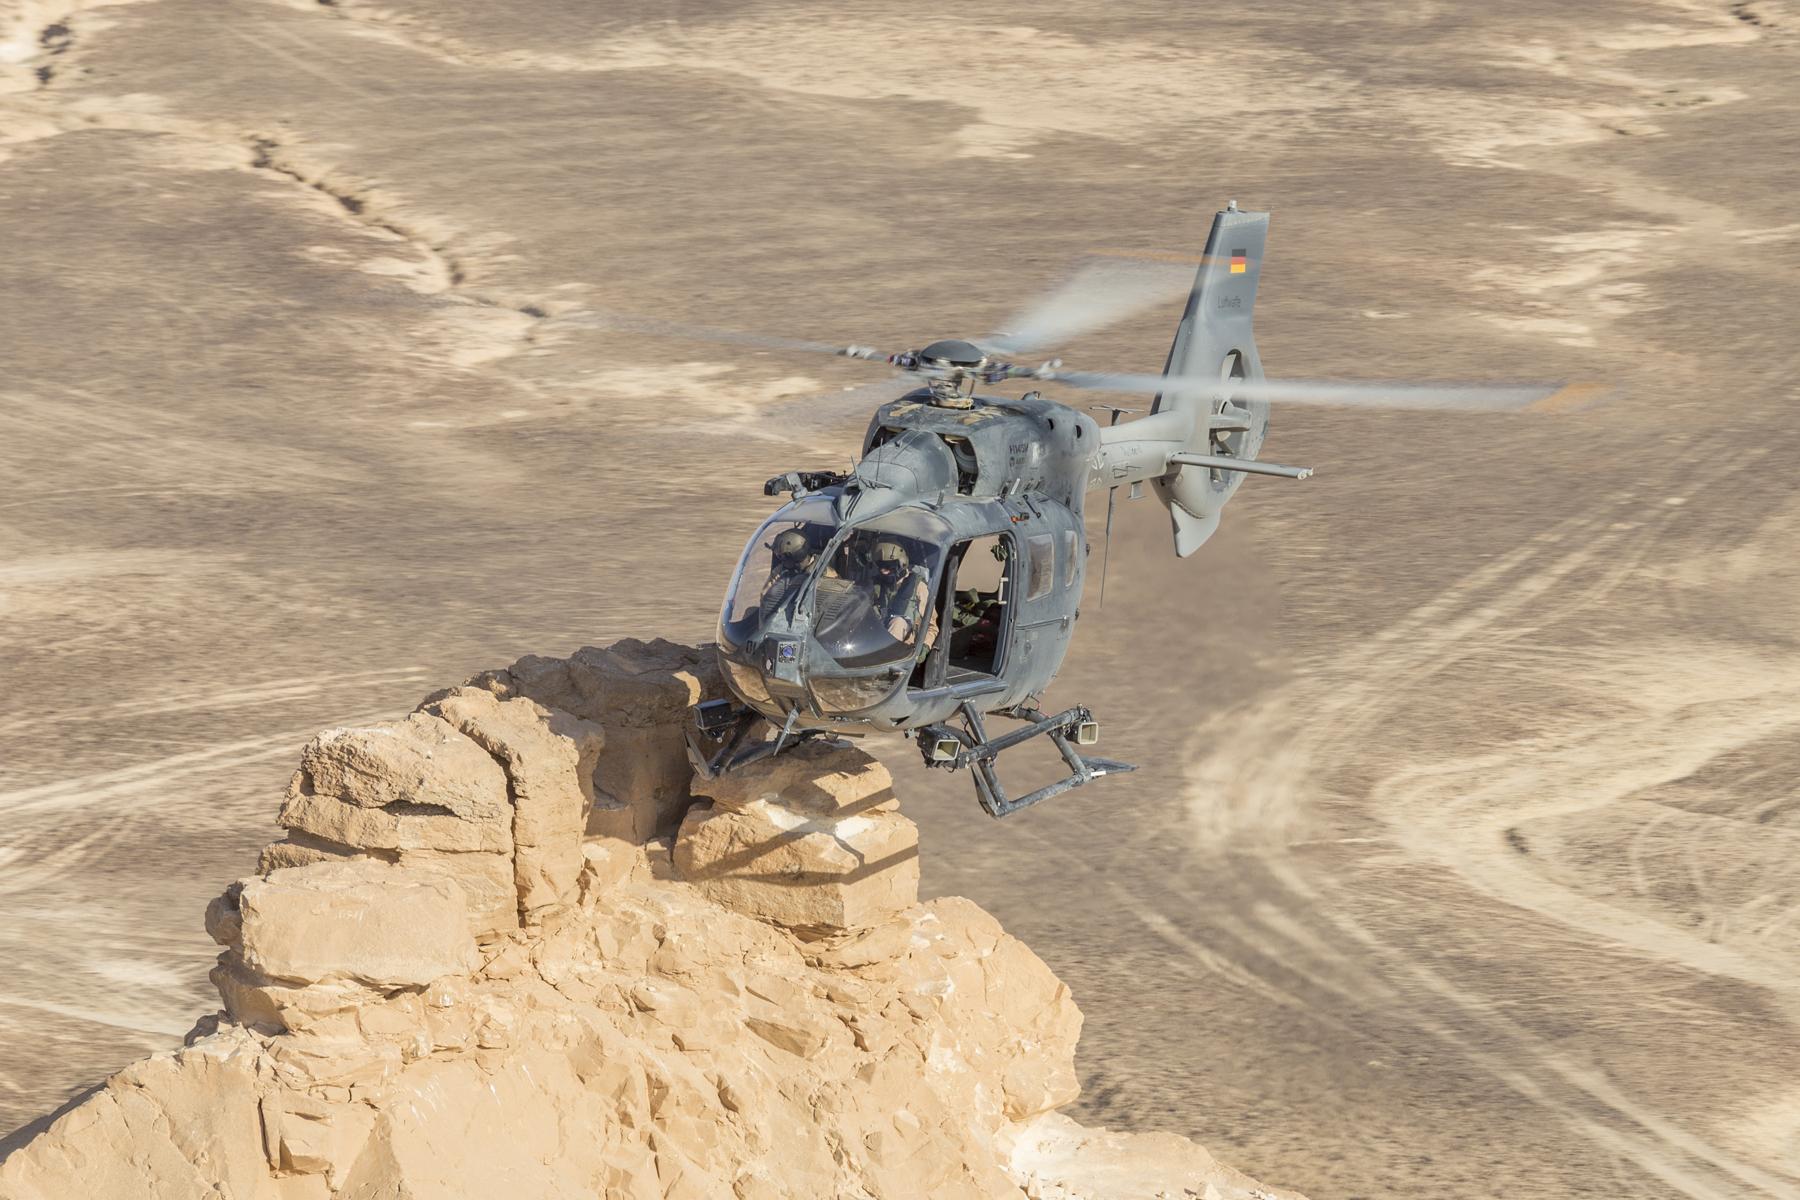 Anspruchsvoll für Mensch und Maschine: Die Hitzekampagne in Jordanien. (Quelle: Luftwaffe/Johannes Heyn)